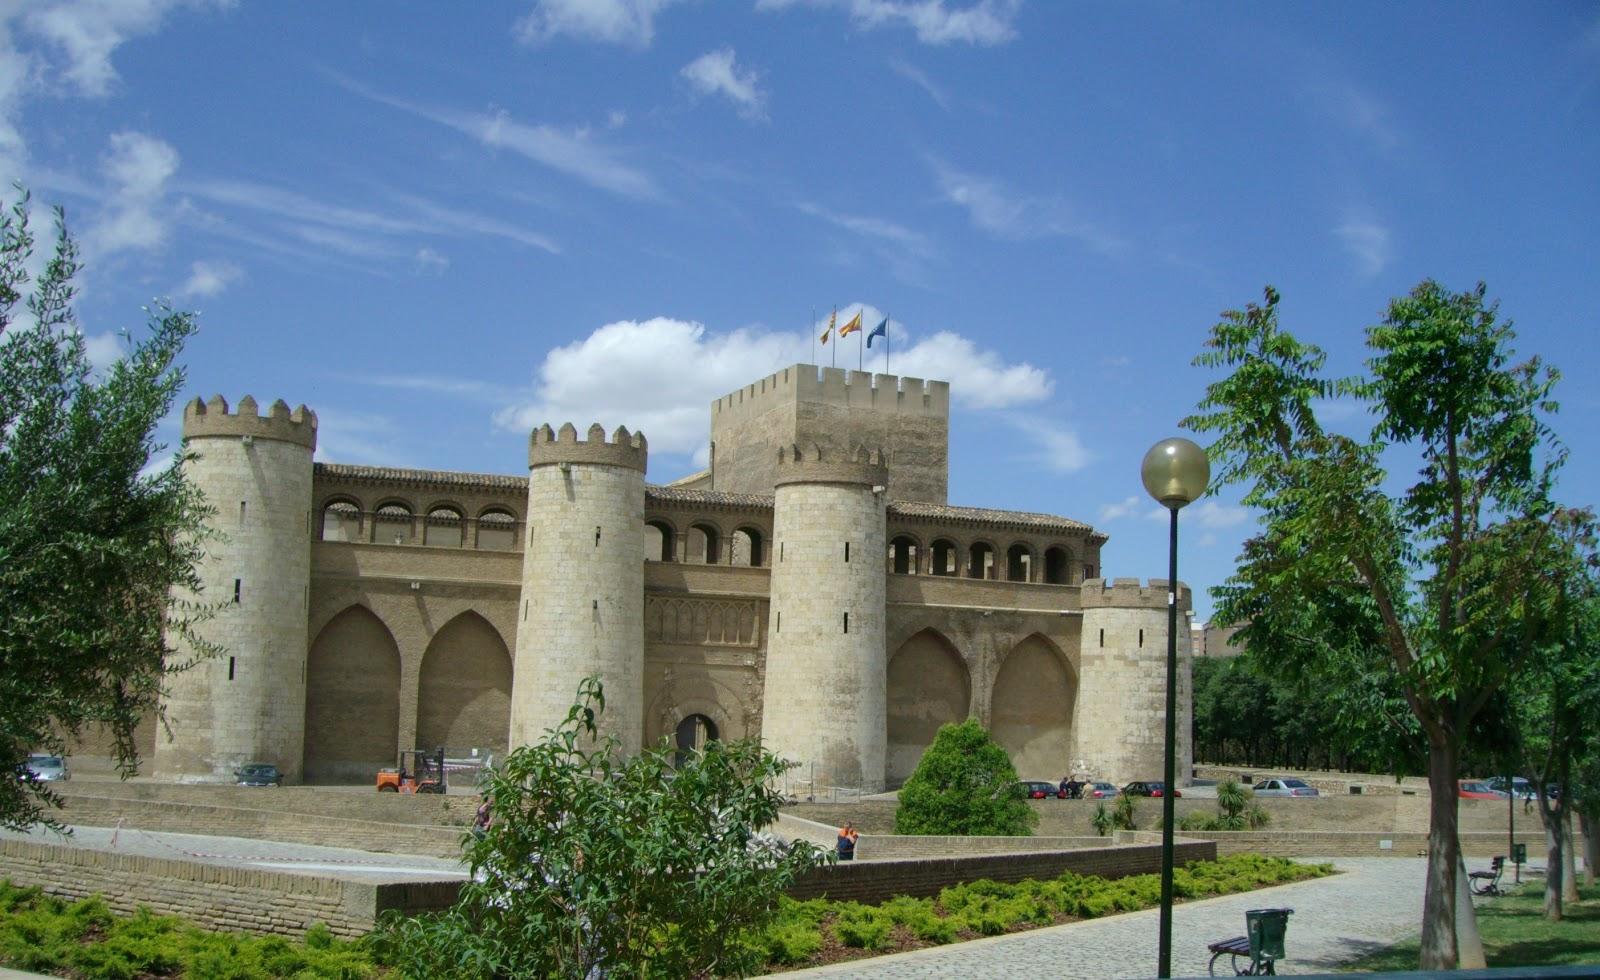 visita virtual palacio de las cortes: